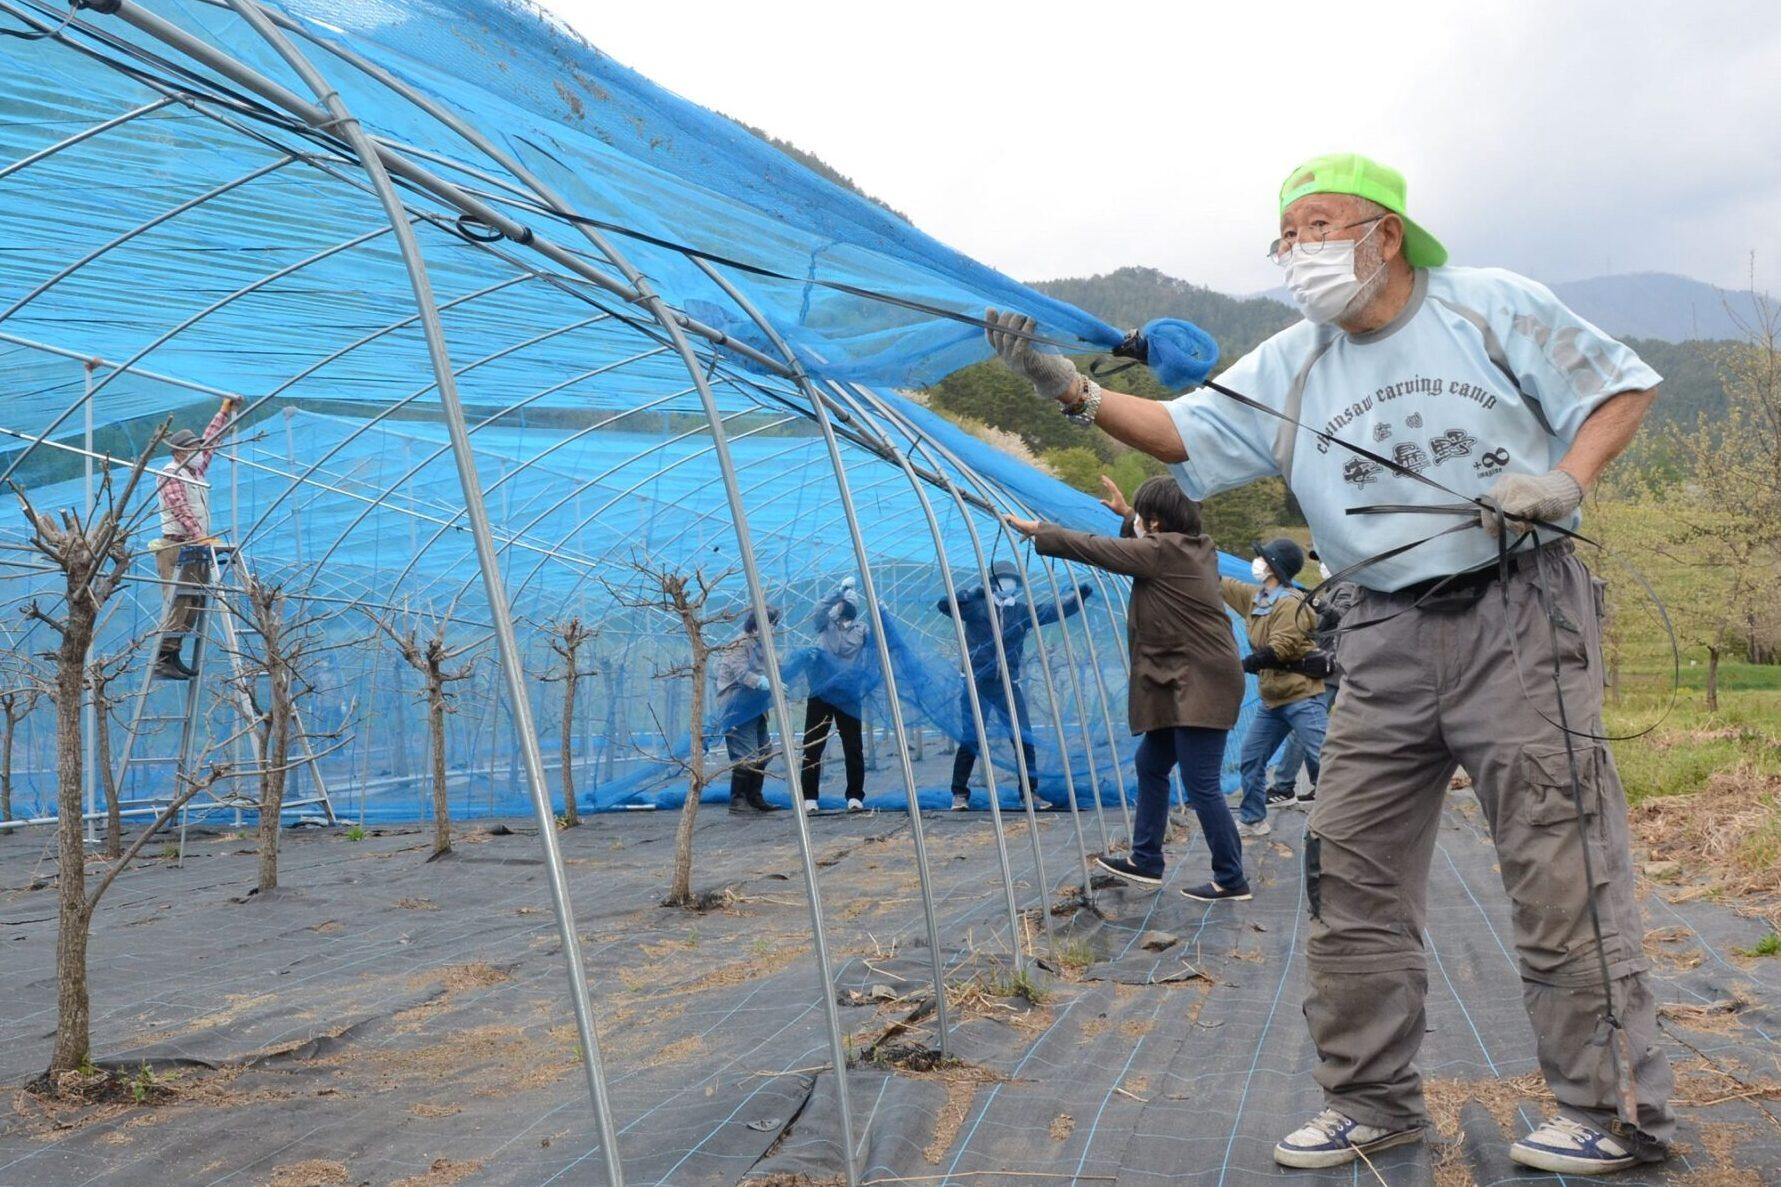 エメラルドグリーンの絹を作る「天蚕」 飼育、織物体験に向け準備 安曇野